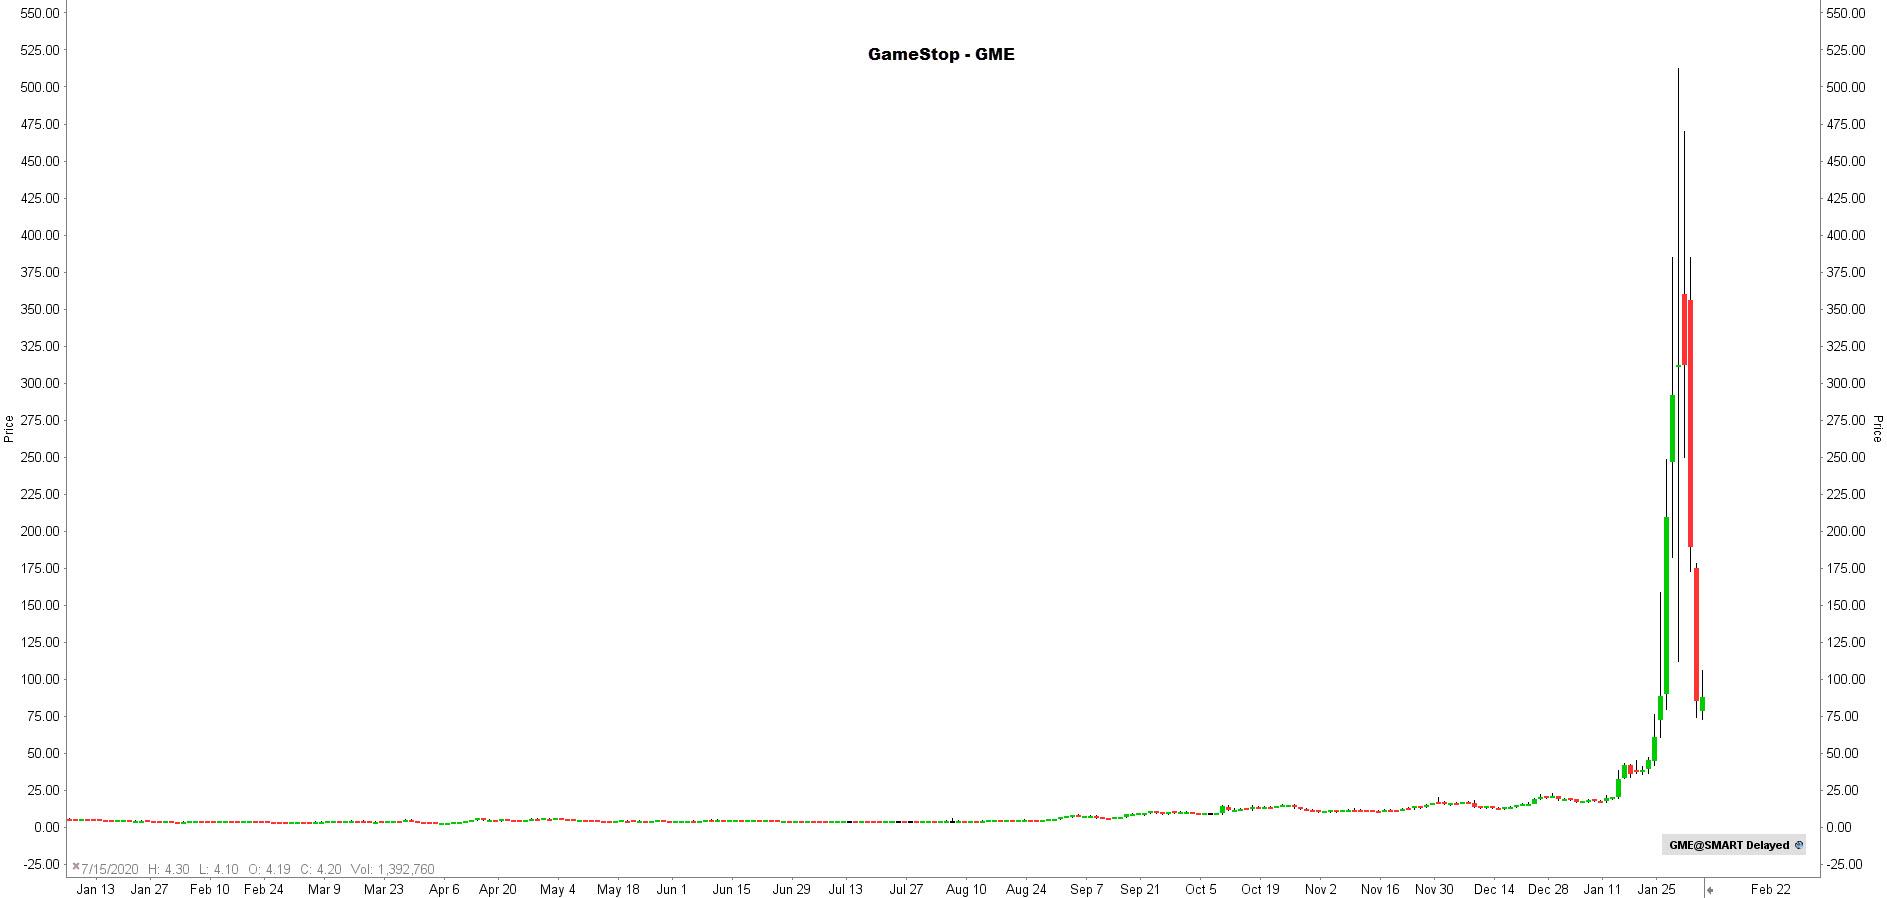 la chronique lynx broker 030221 - graphique CME